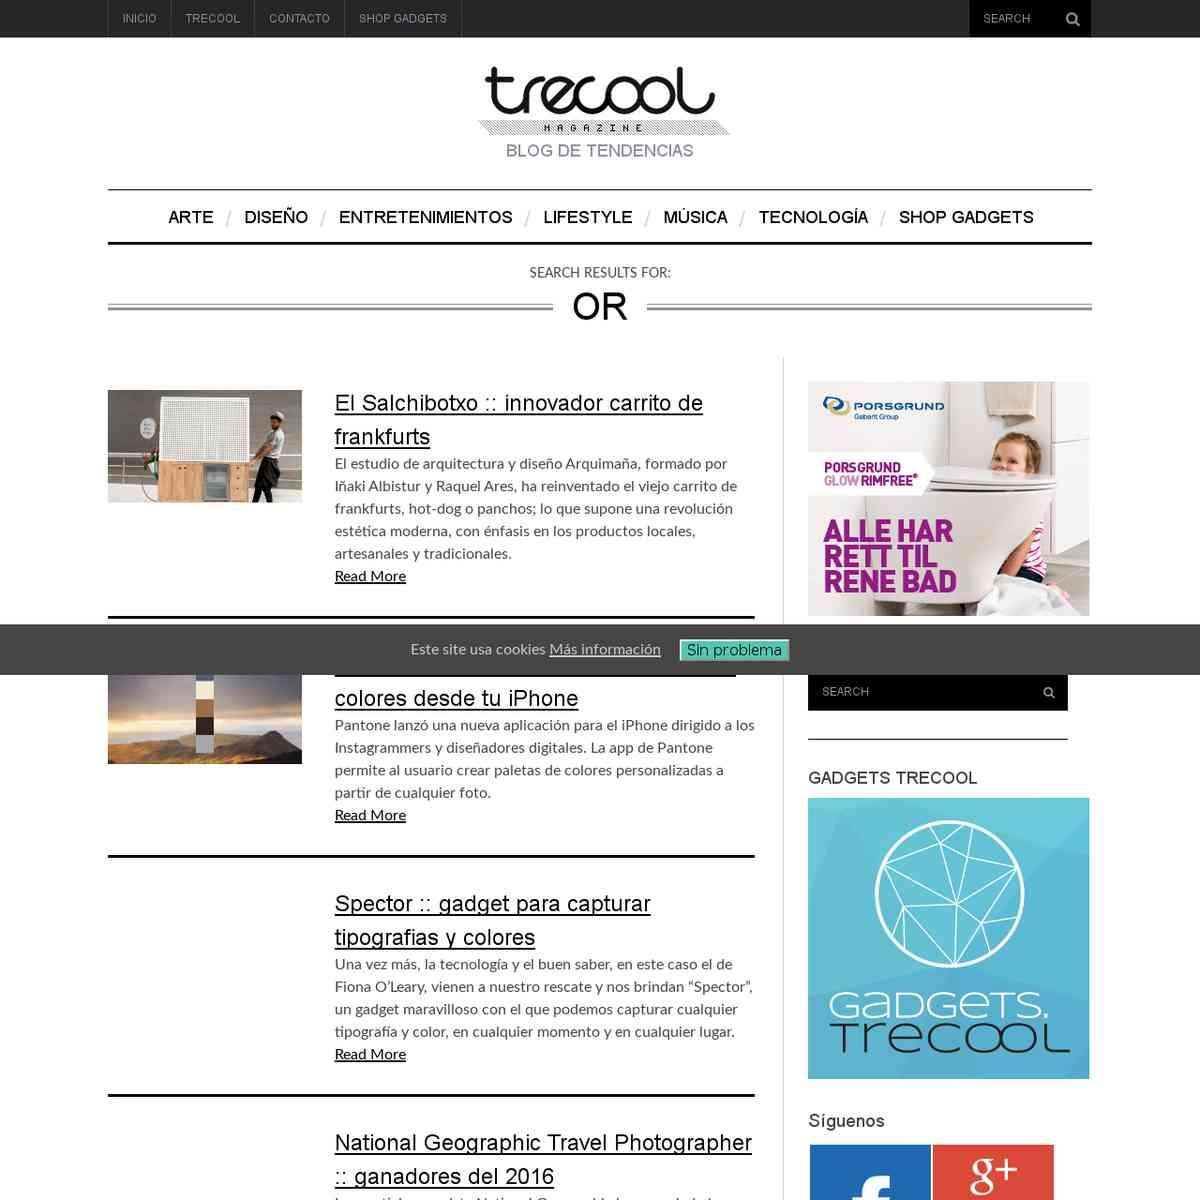 trecool.es/?s=or+leviteh